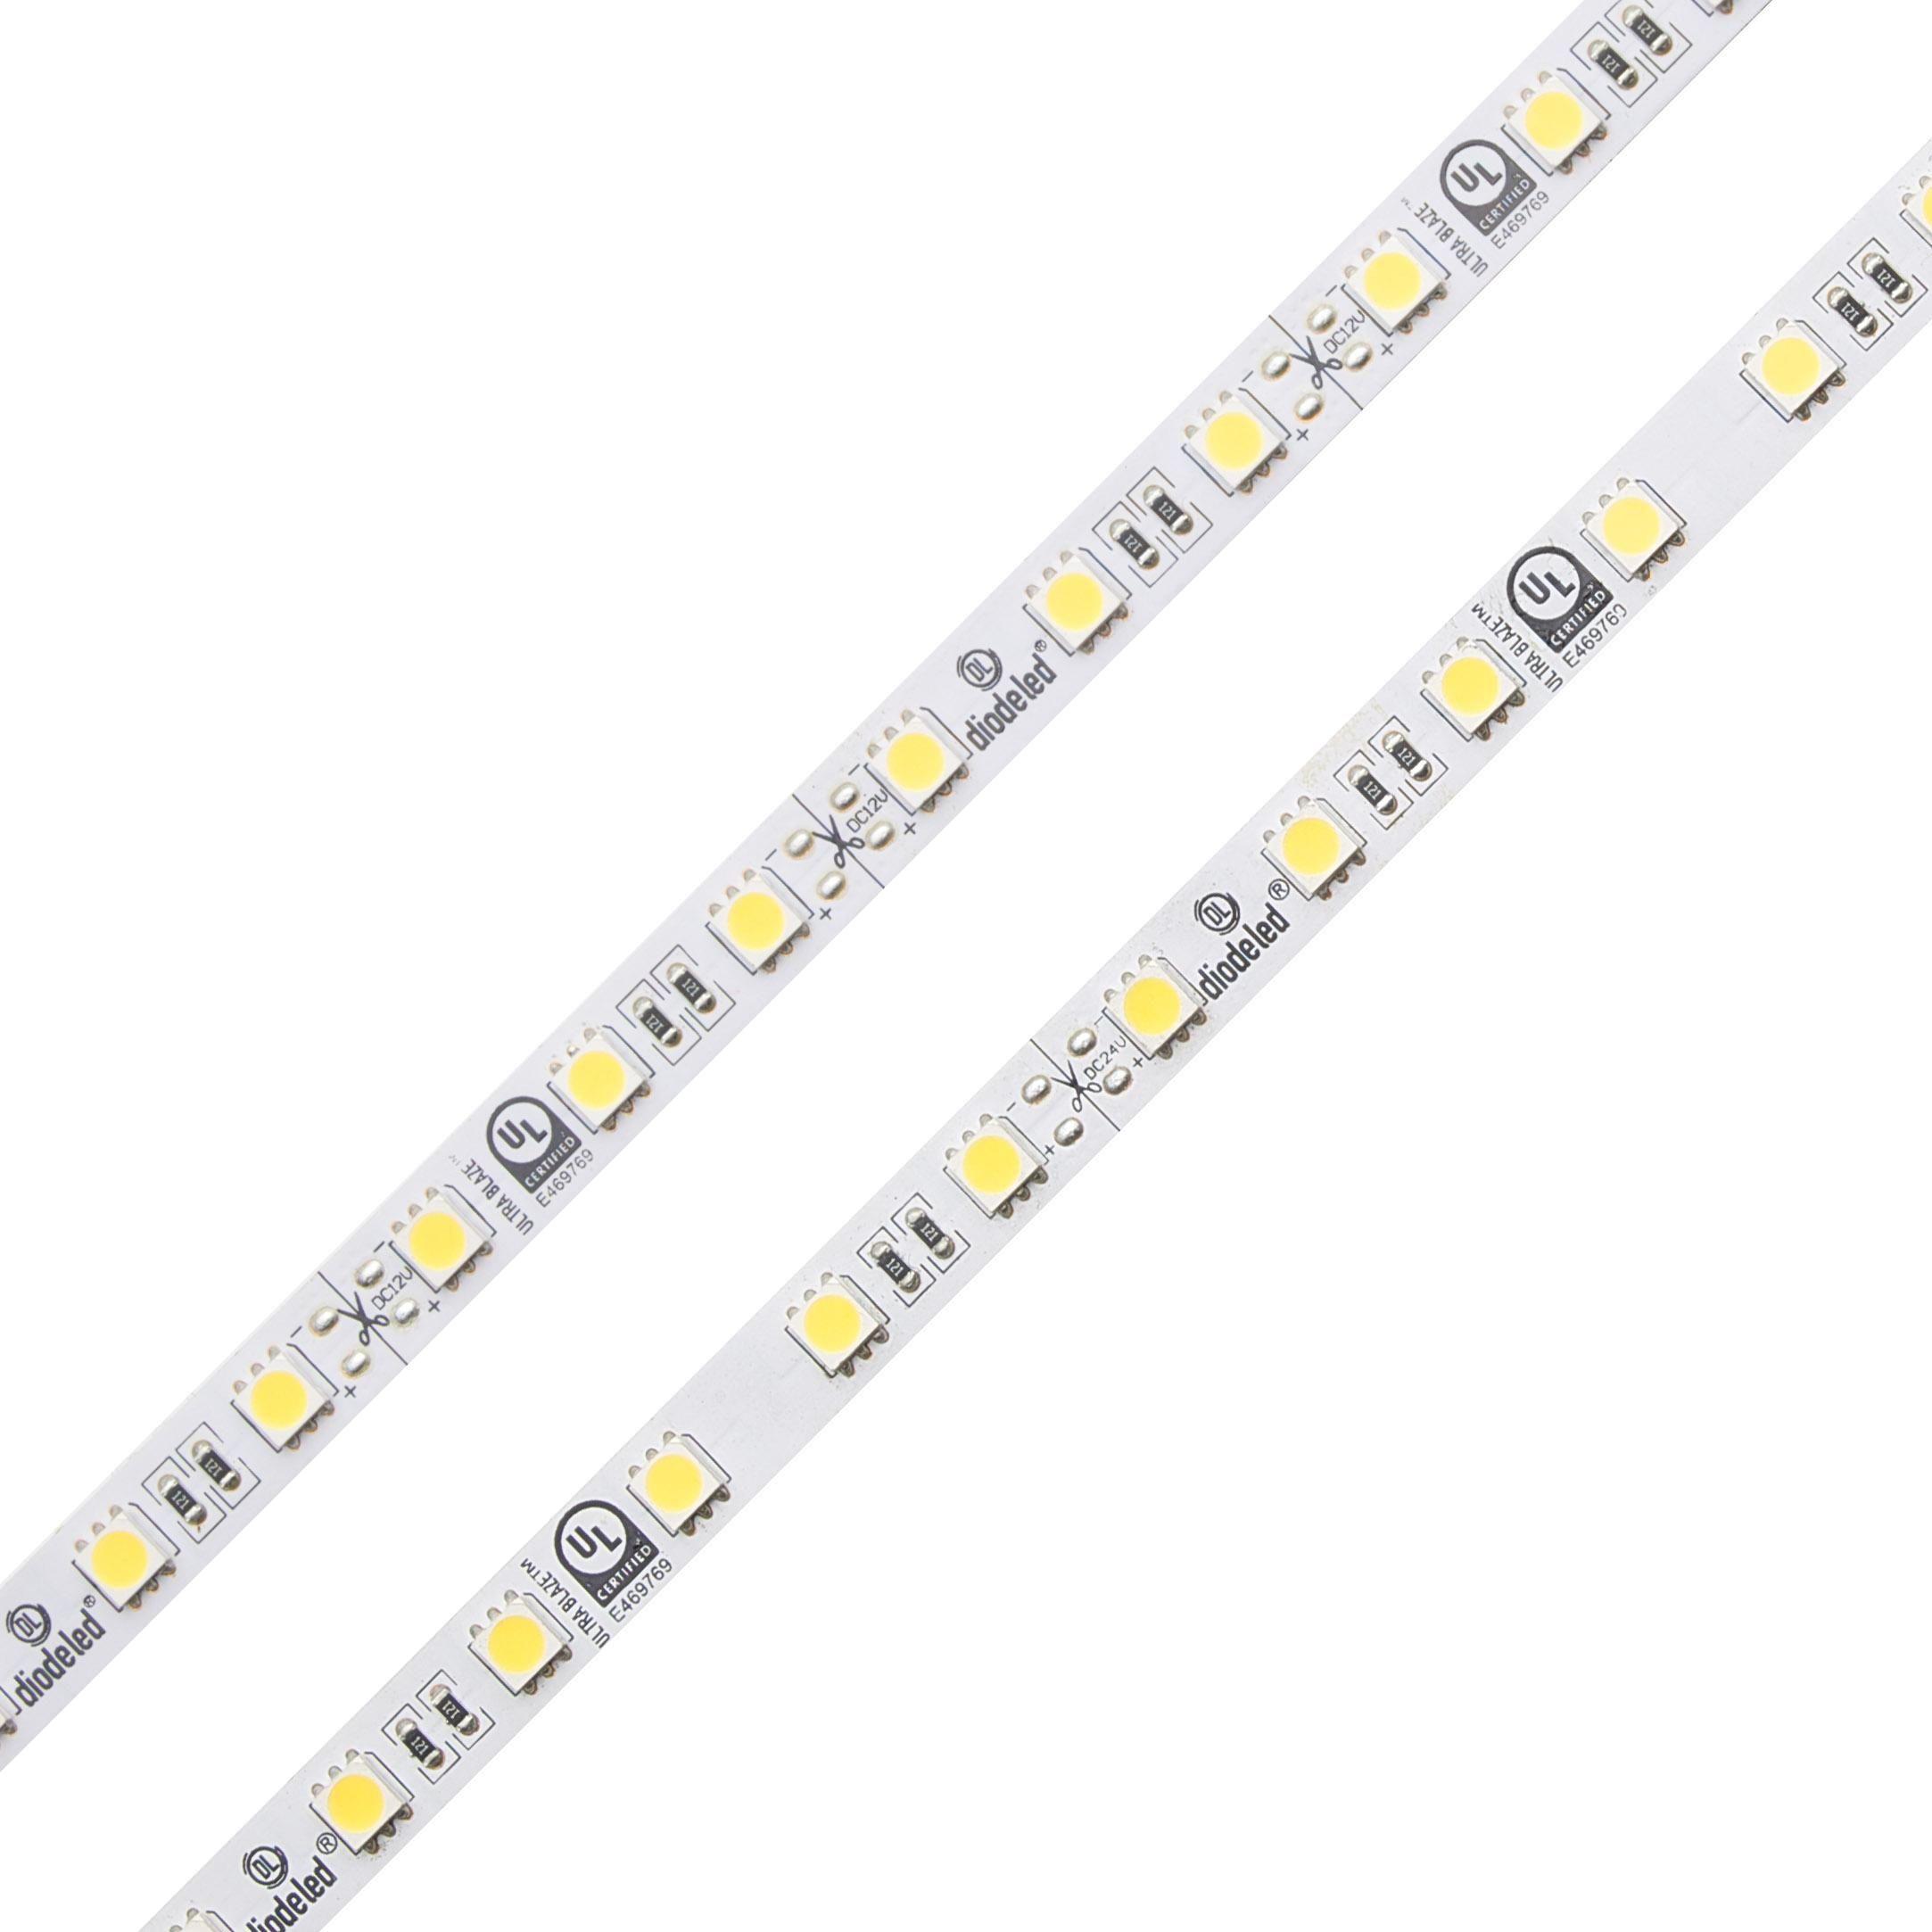 Led strip lights 12v or 24v httpscartclub pinterest led led strip lights 12v or 24v aloadofball Image collections